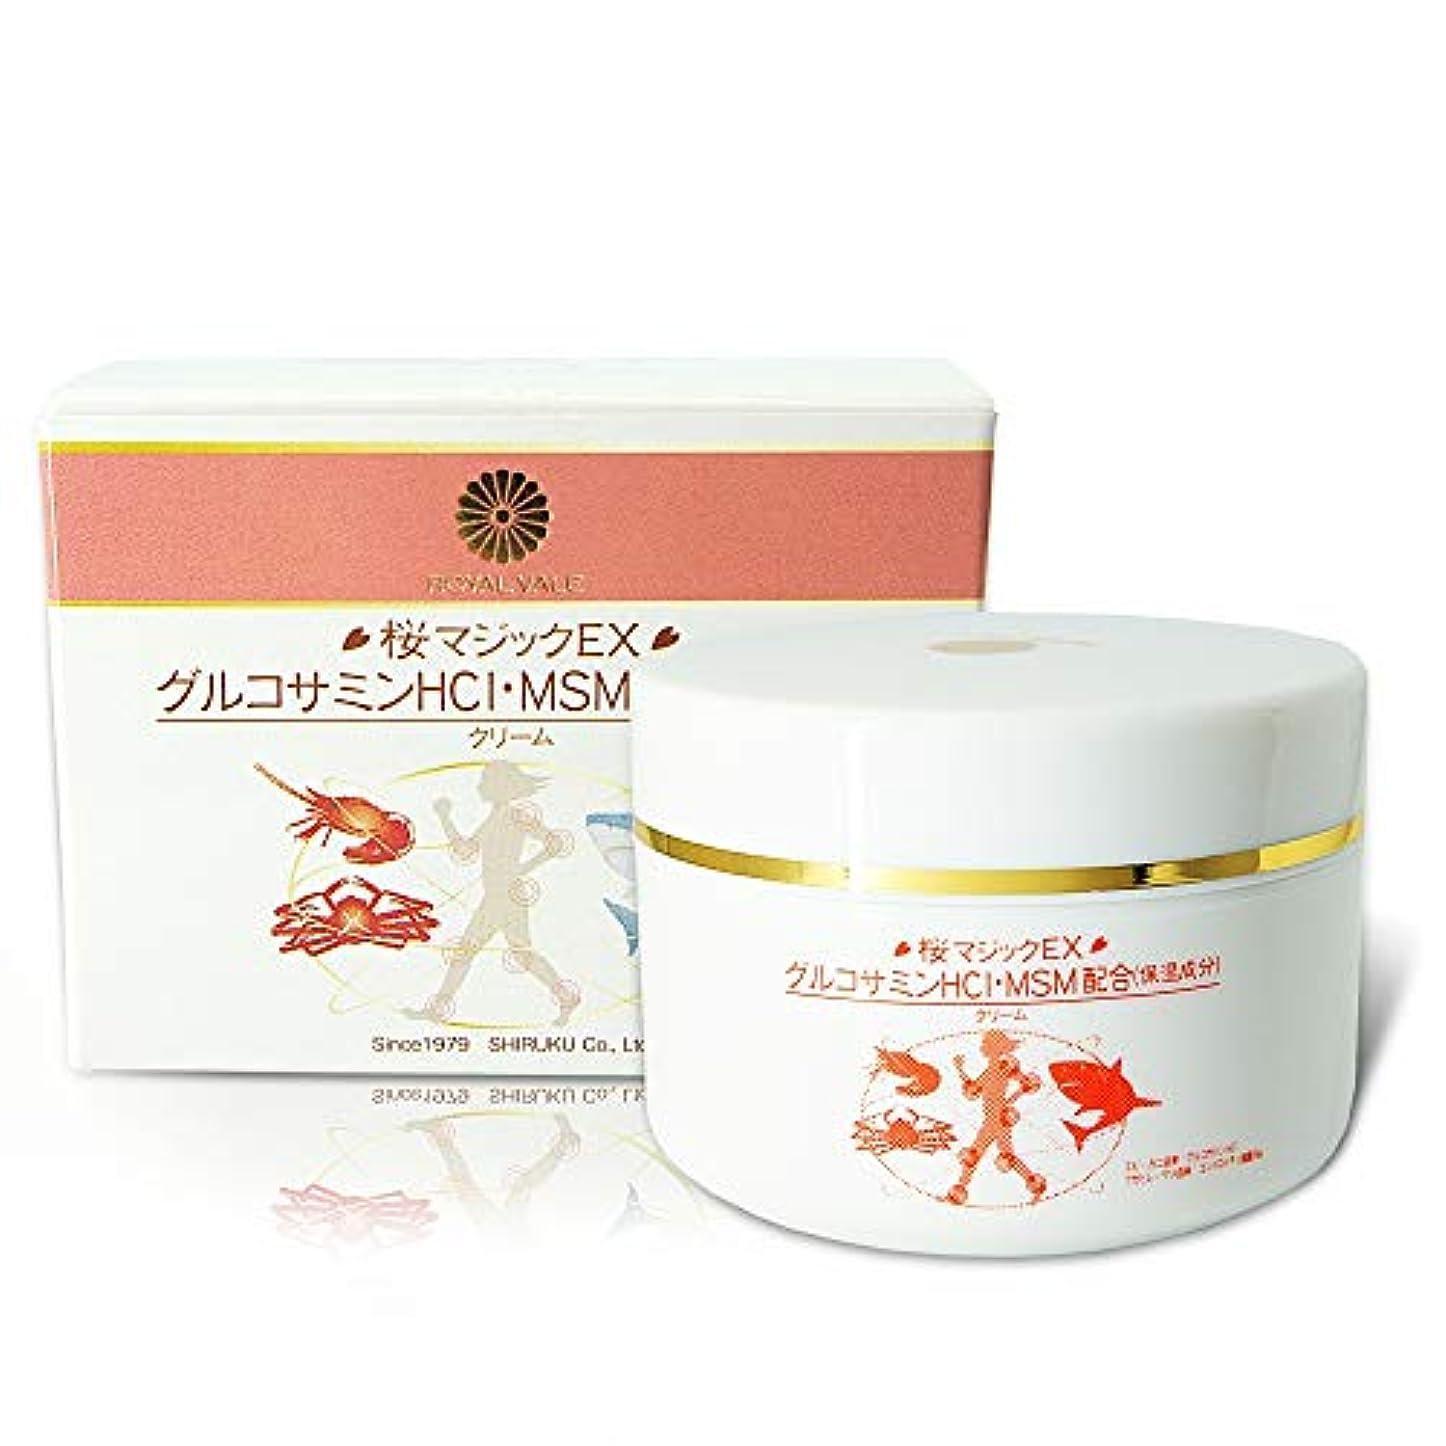 桜マジックEXクリ-ム 6個セット